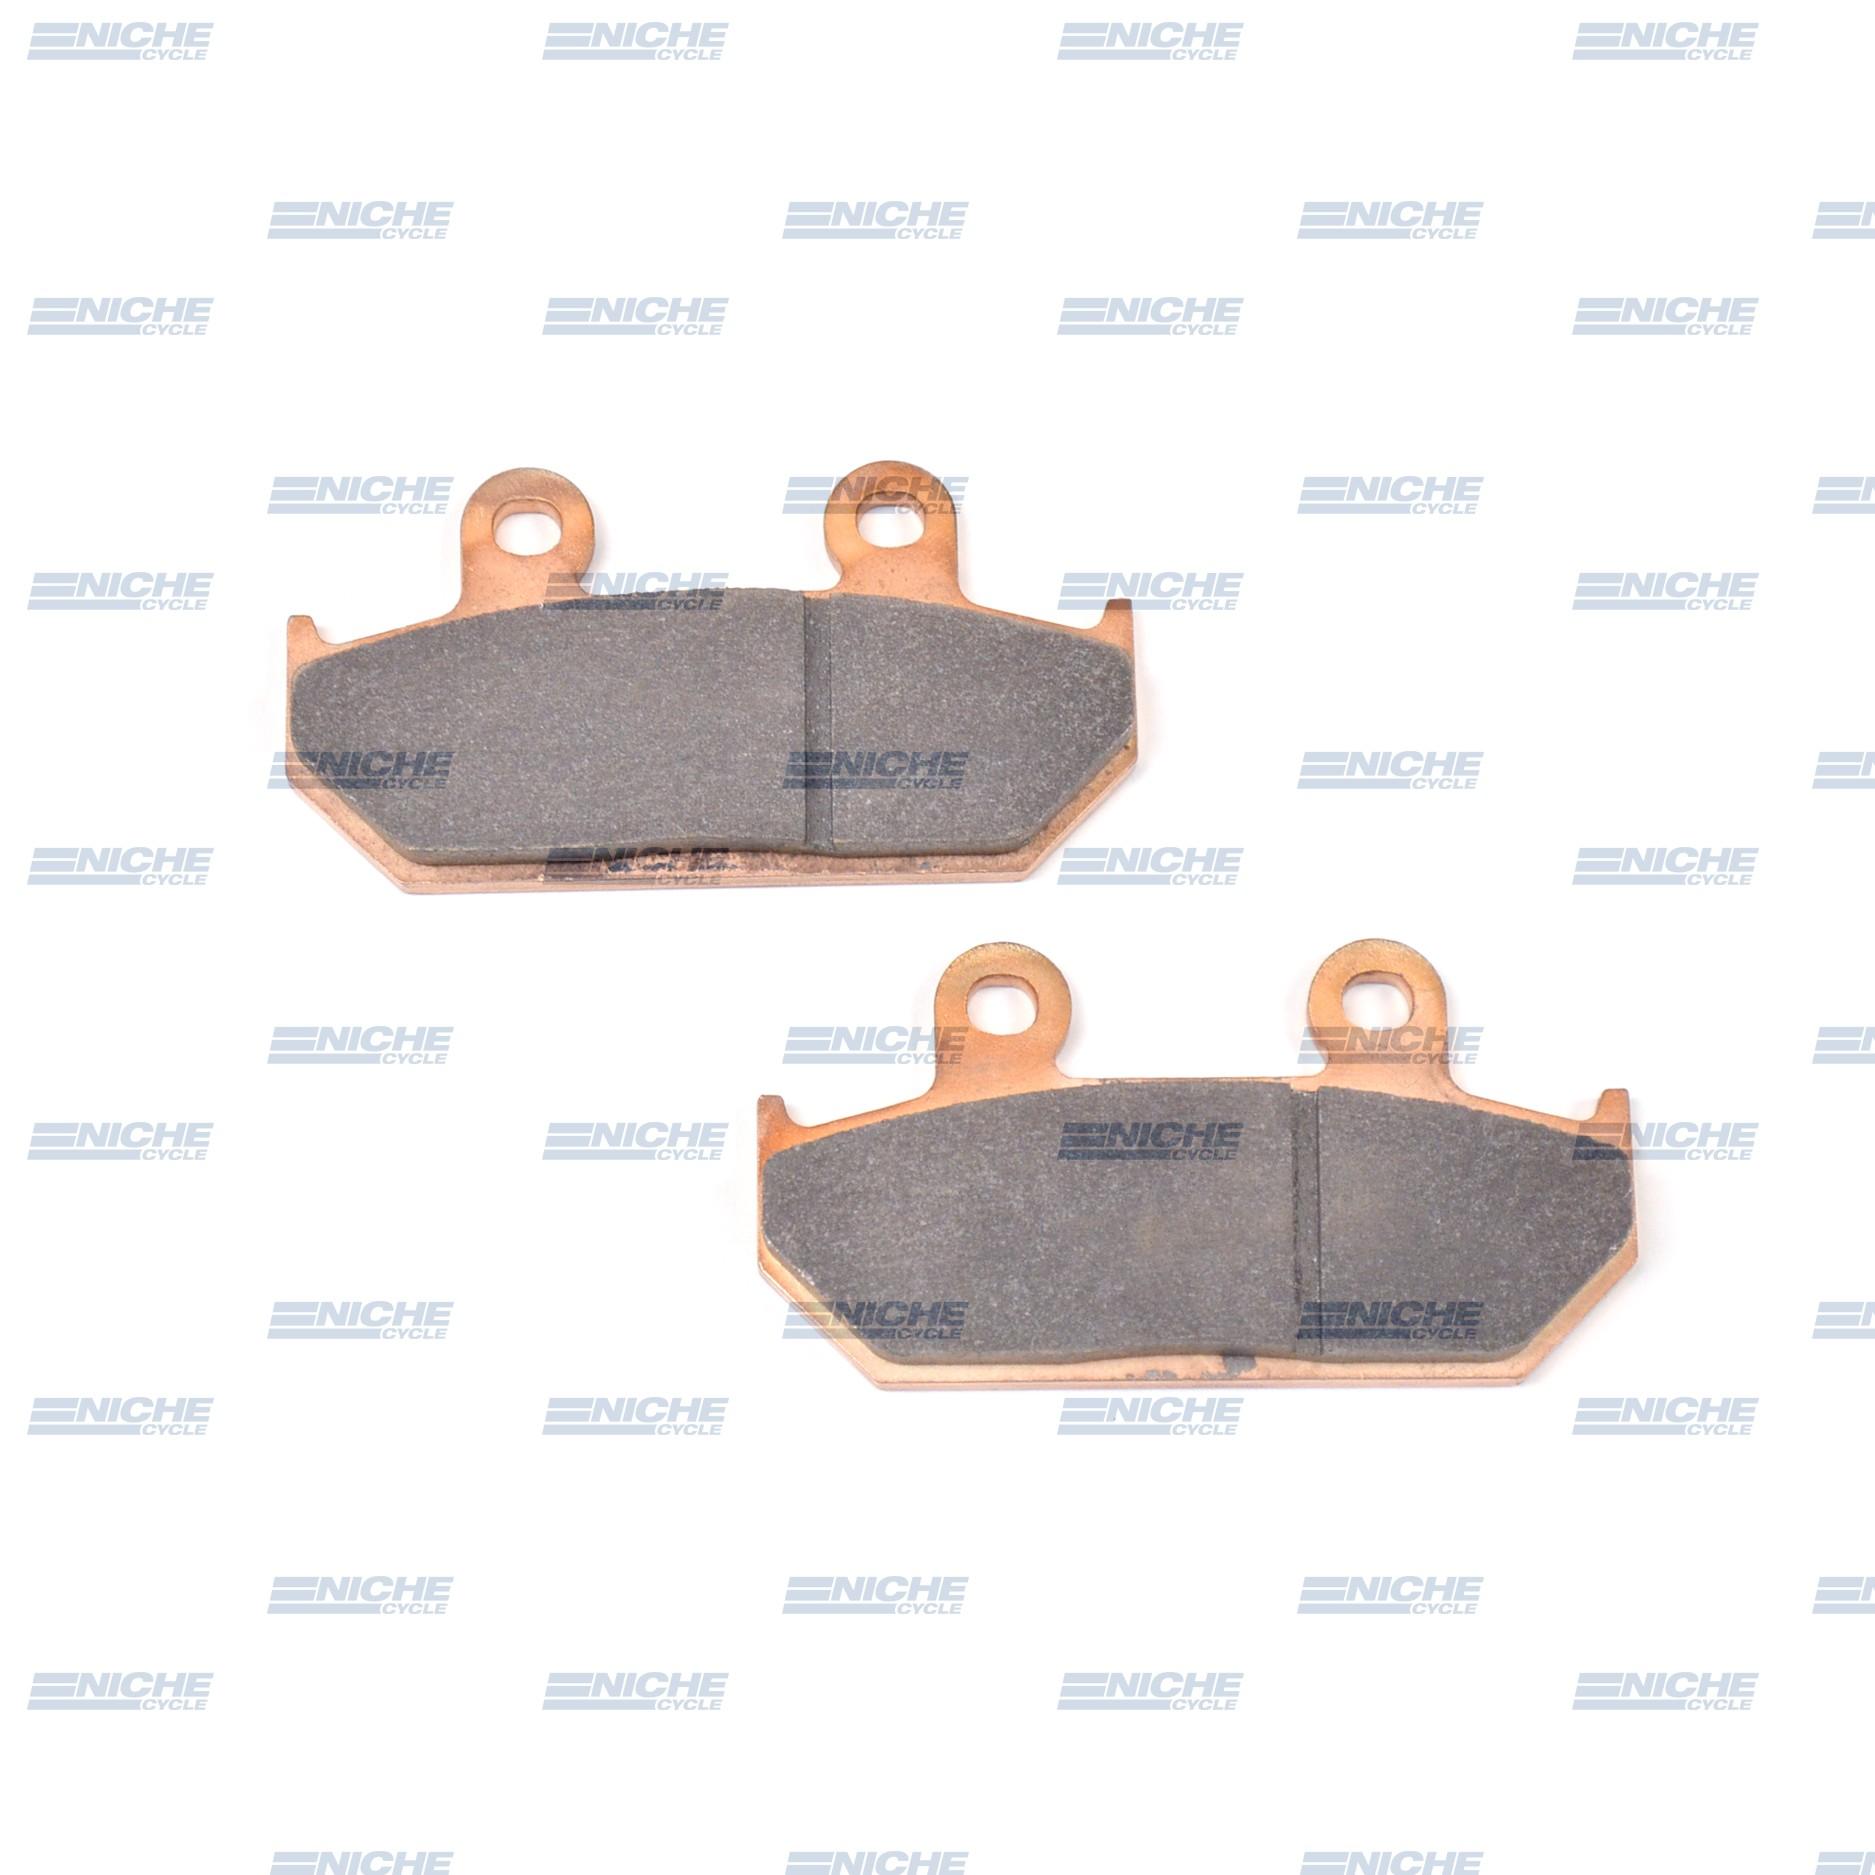 Brake Pad - Full Metal 64-51886